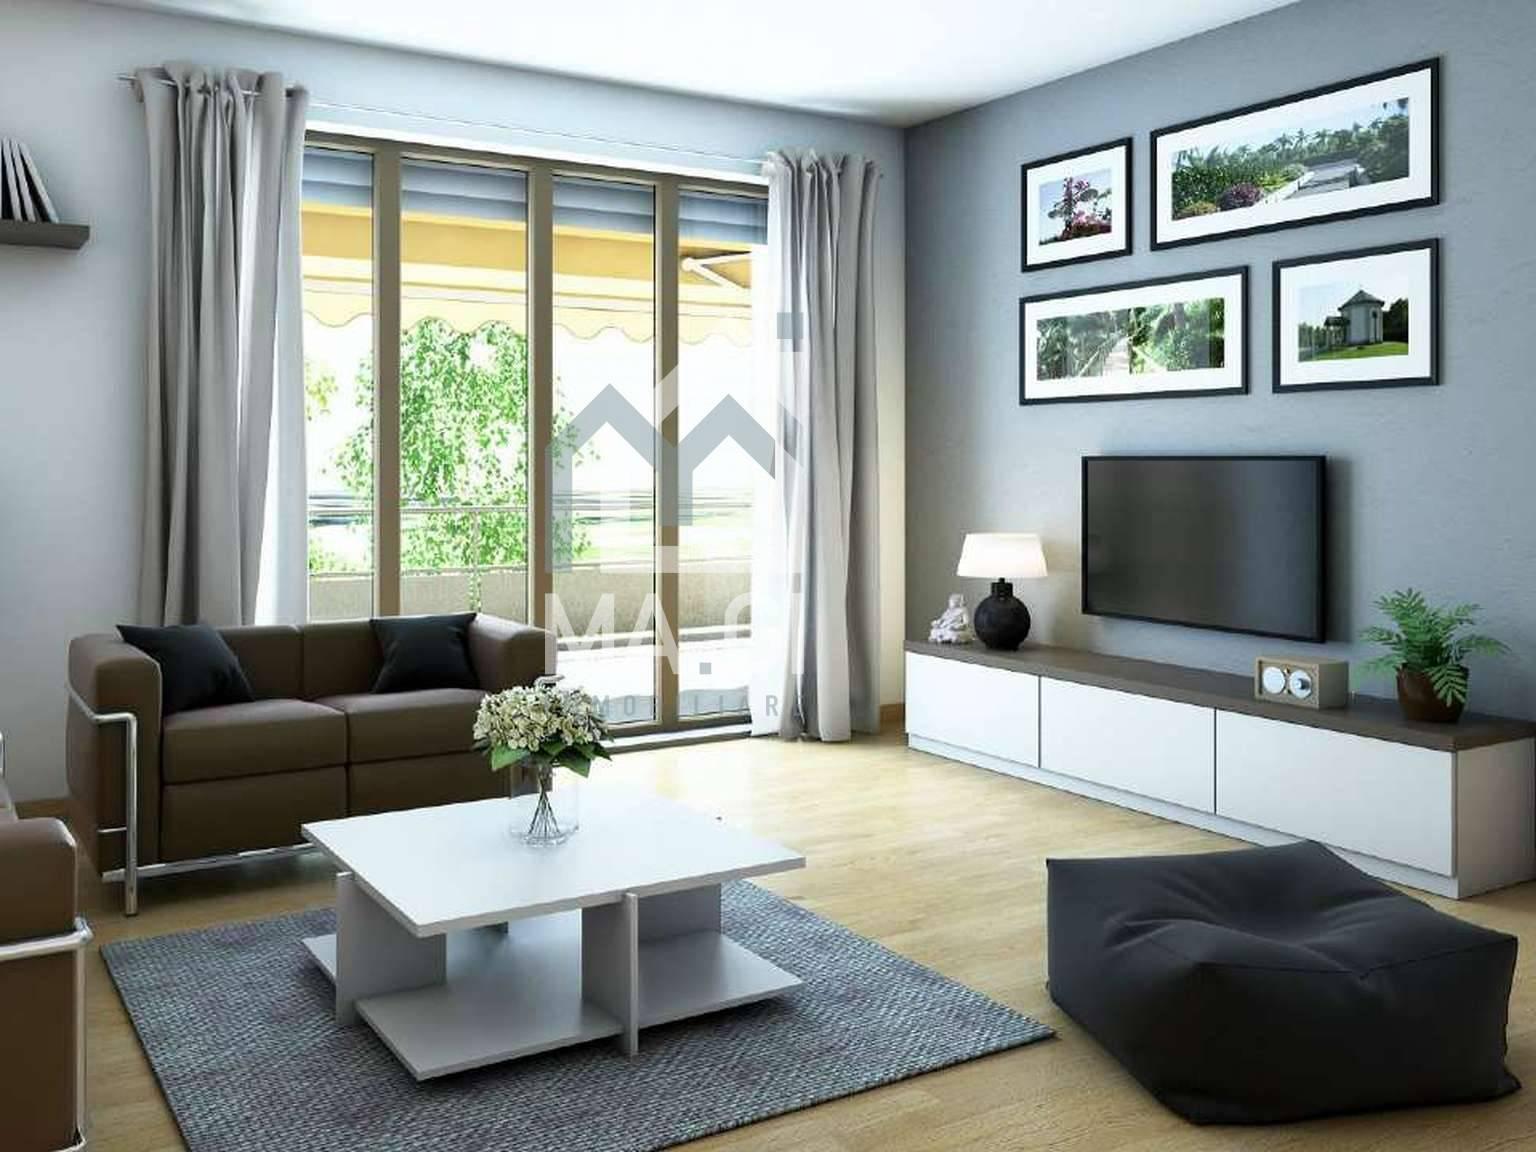 Appartamento 3 camere in Vendita a Treviso #1